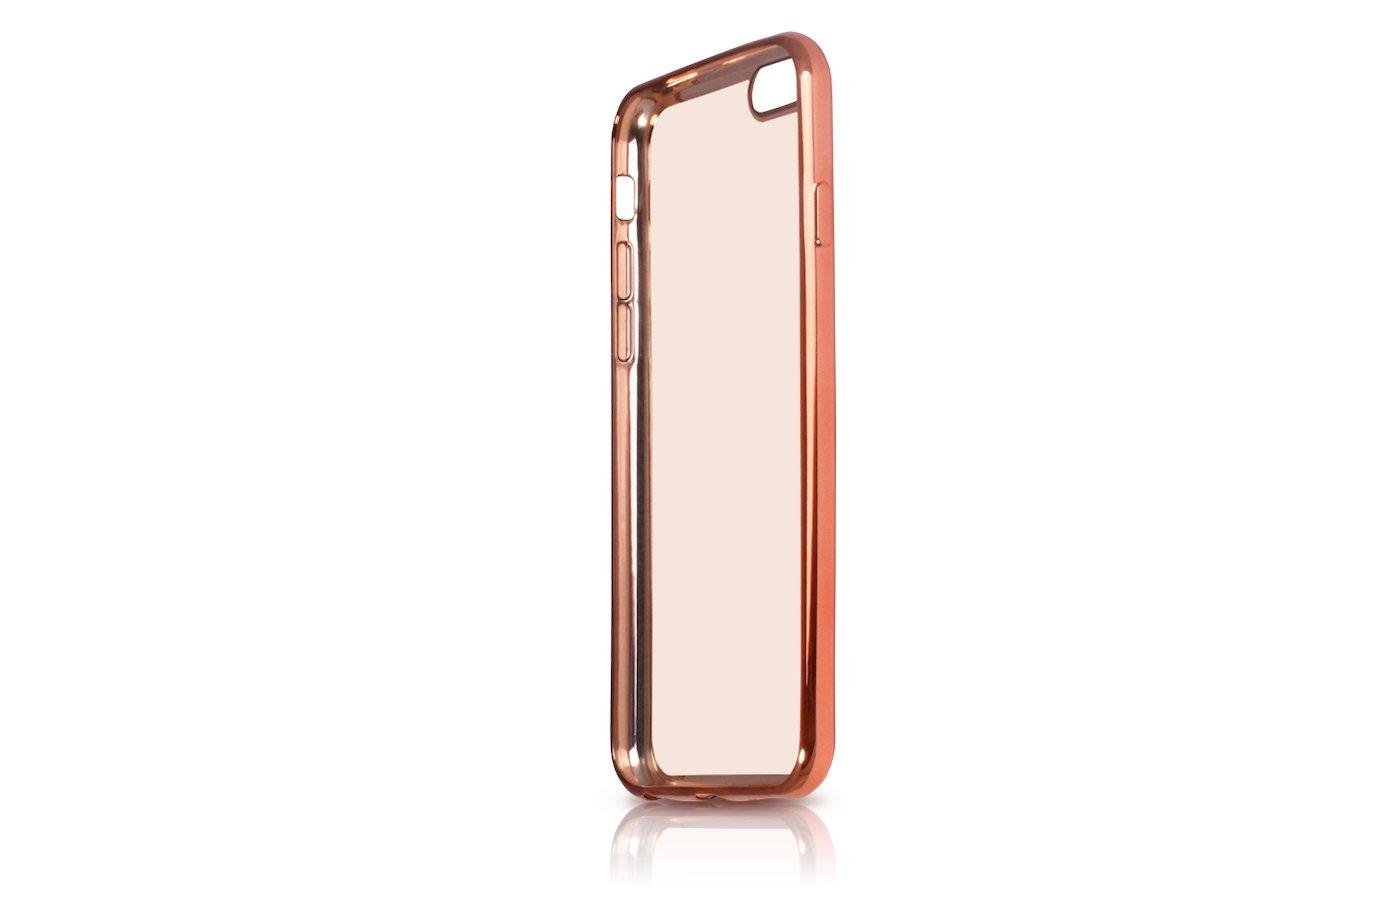 Чехол DF для iPhone 7 (iCase-08) rose gold с рамкой